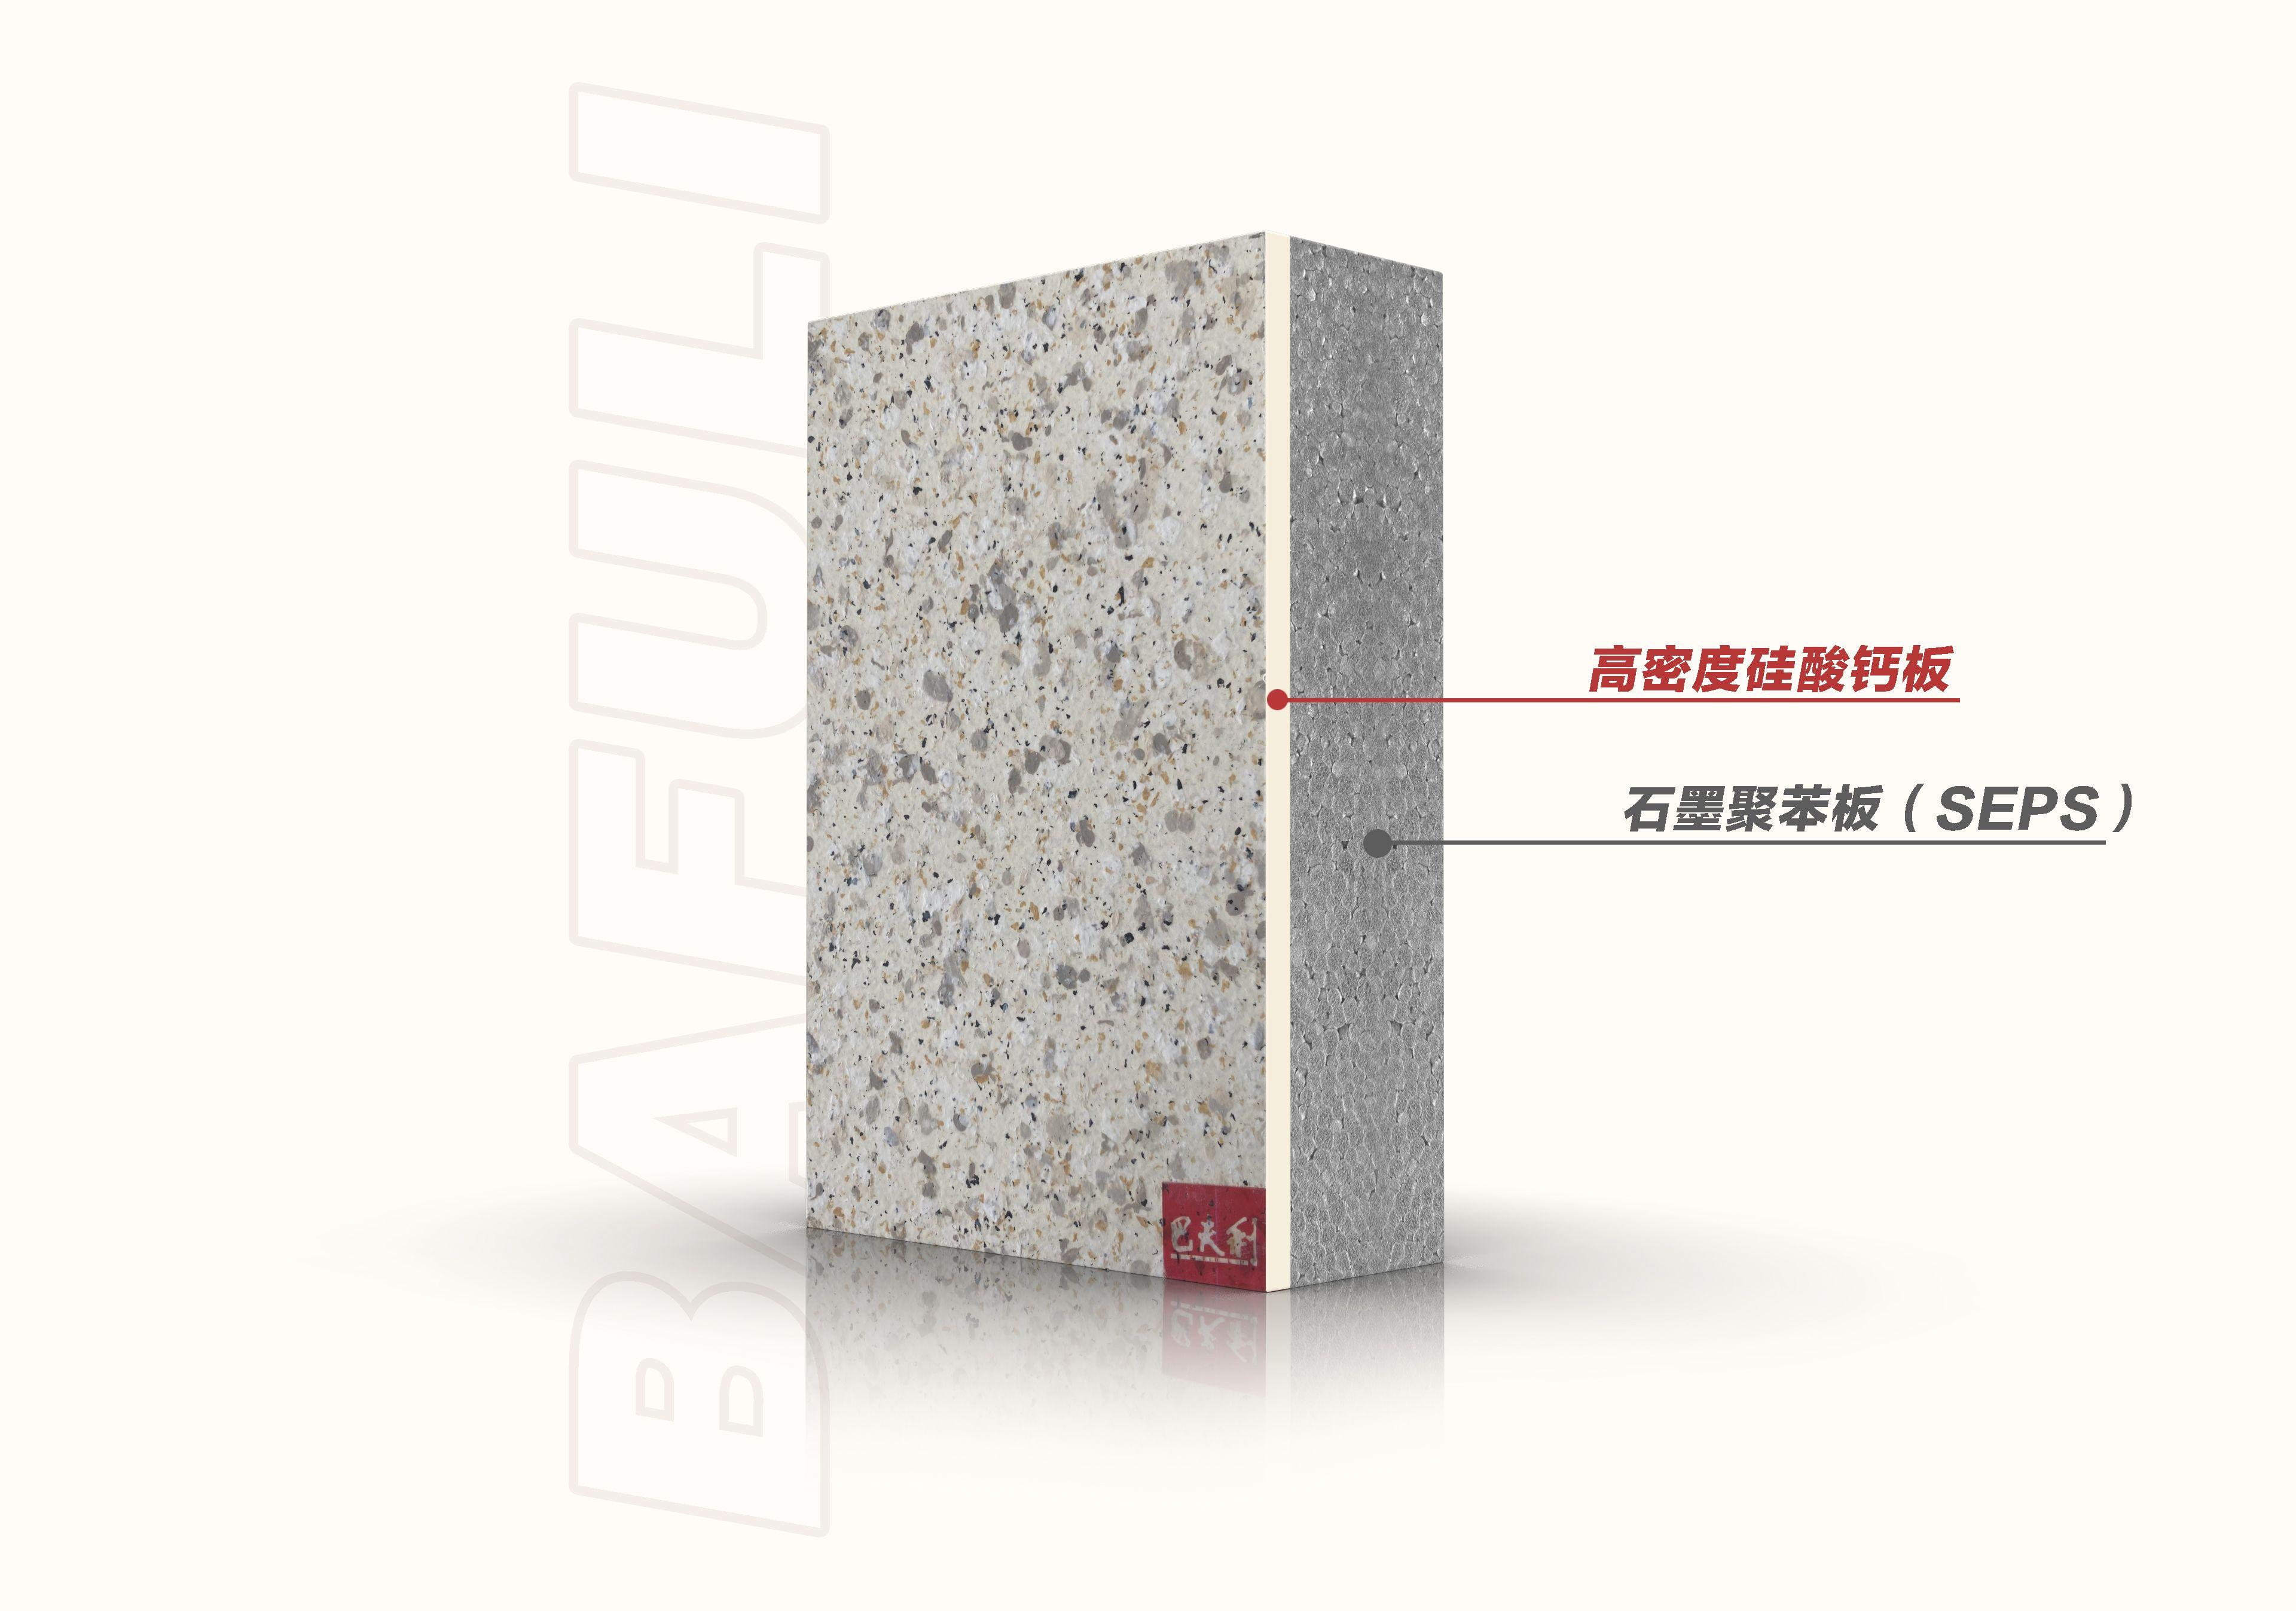 山东石墨聚苯板保温装饰板专业生产厂家